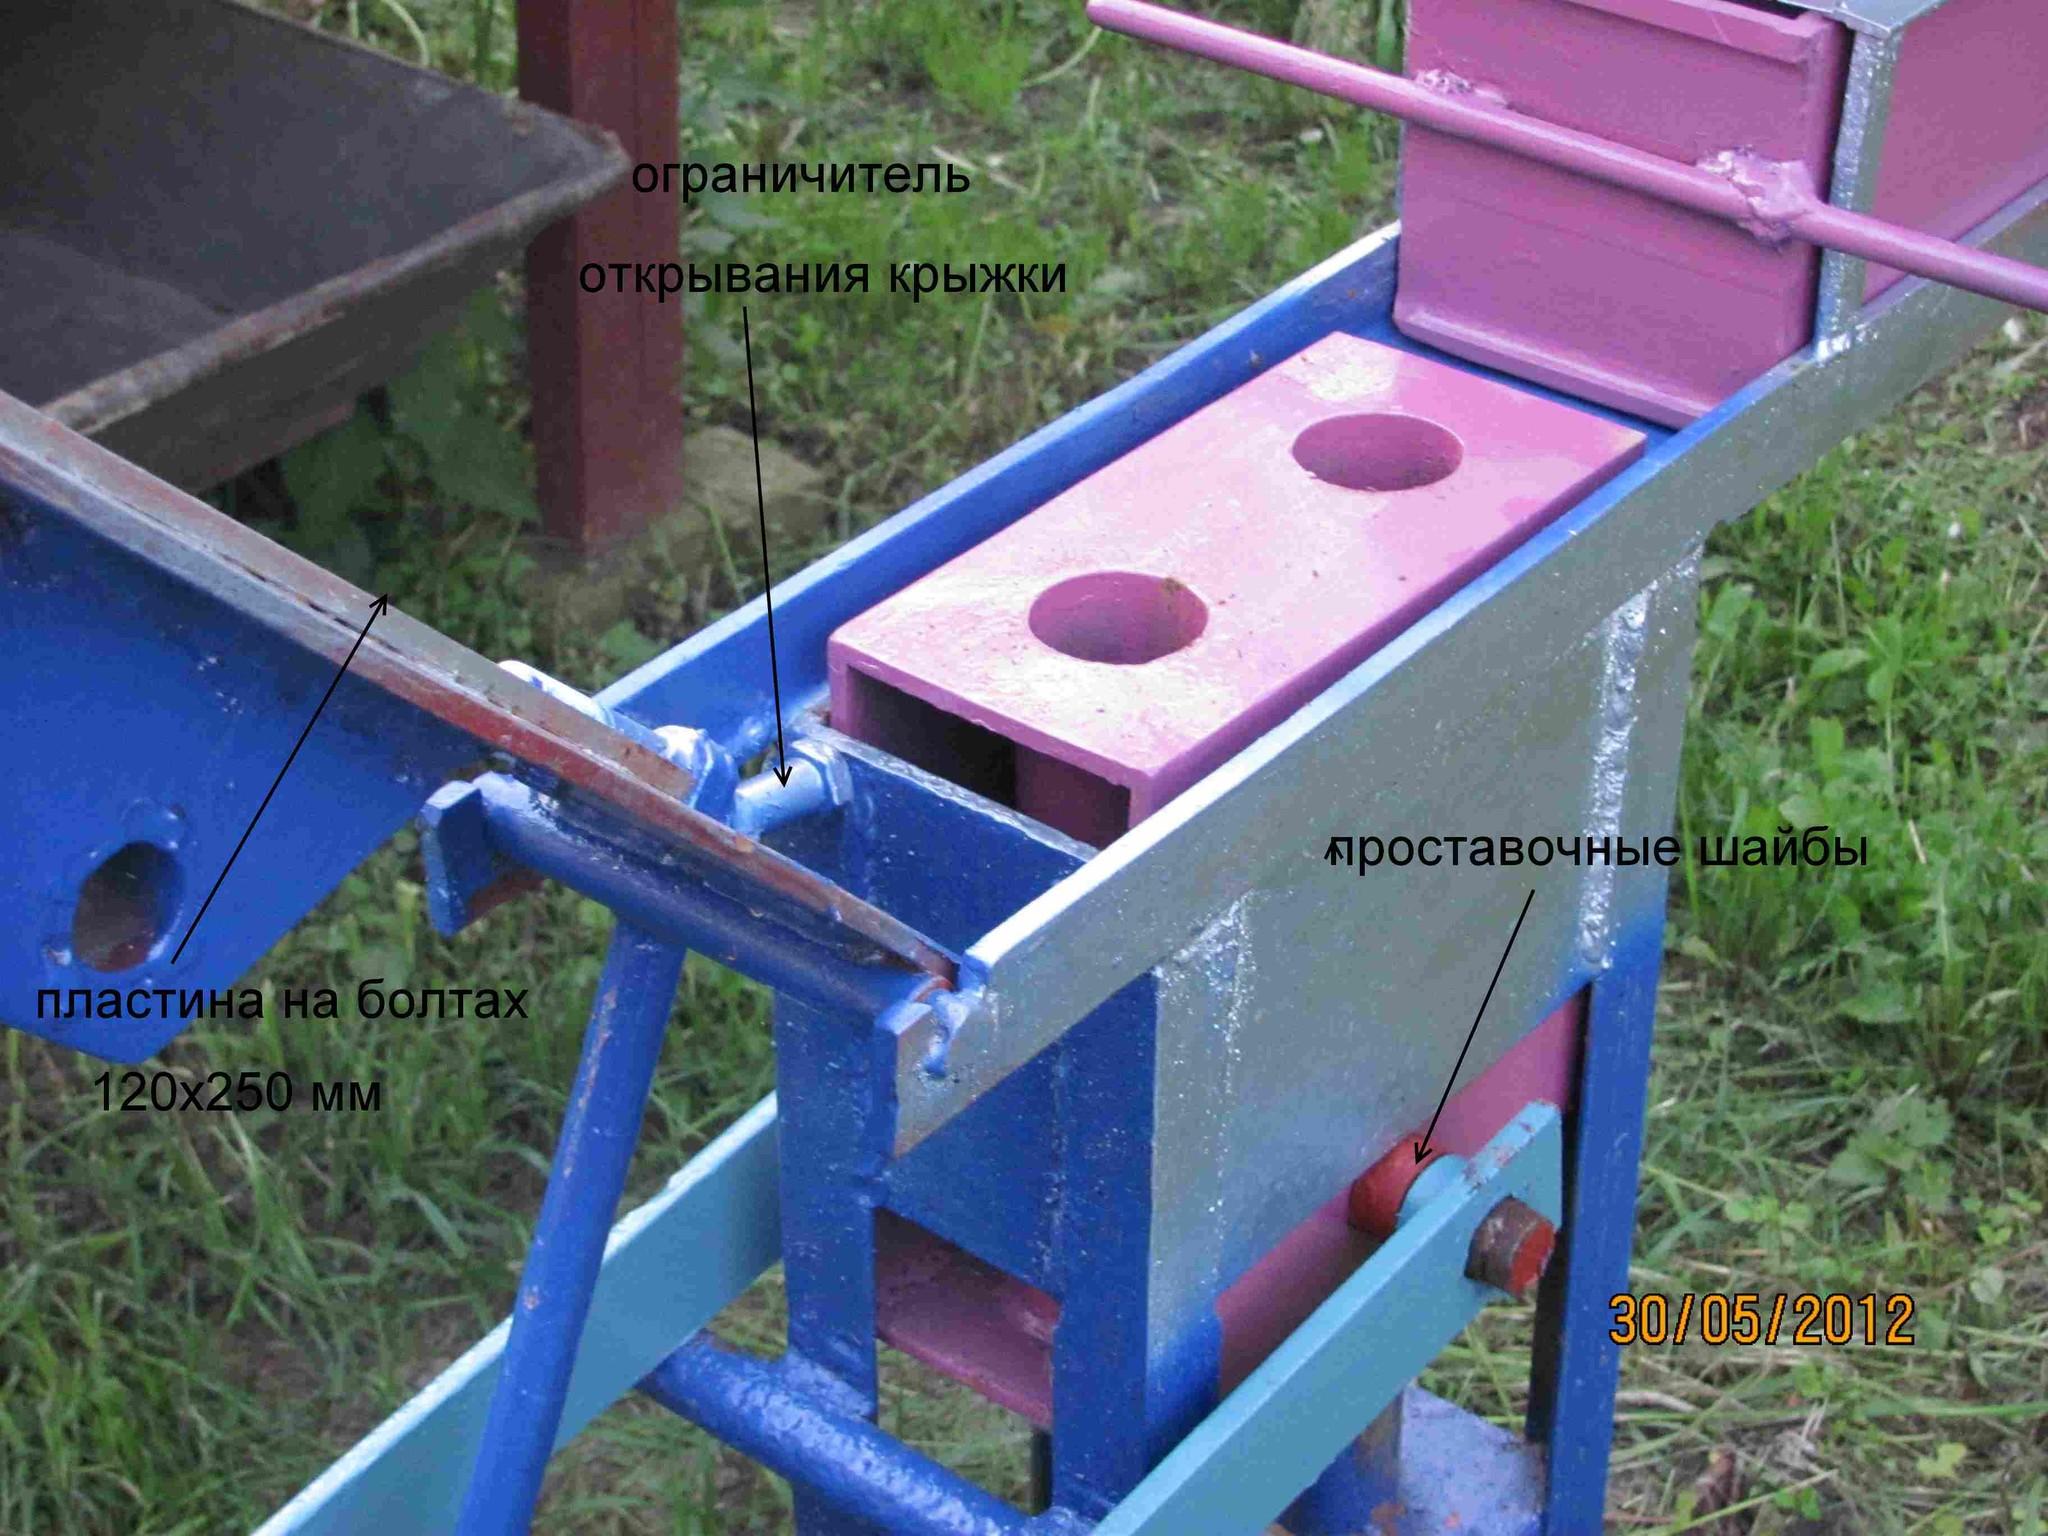 Лего станок для кирпича - 3 предложения  в москве, сравнить цены и купить